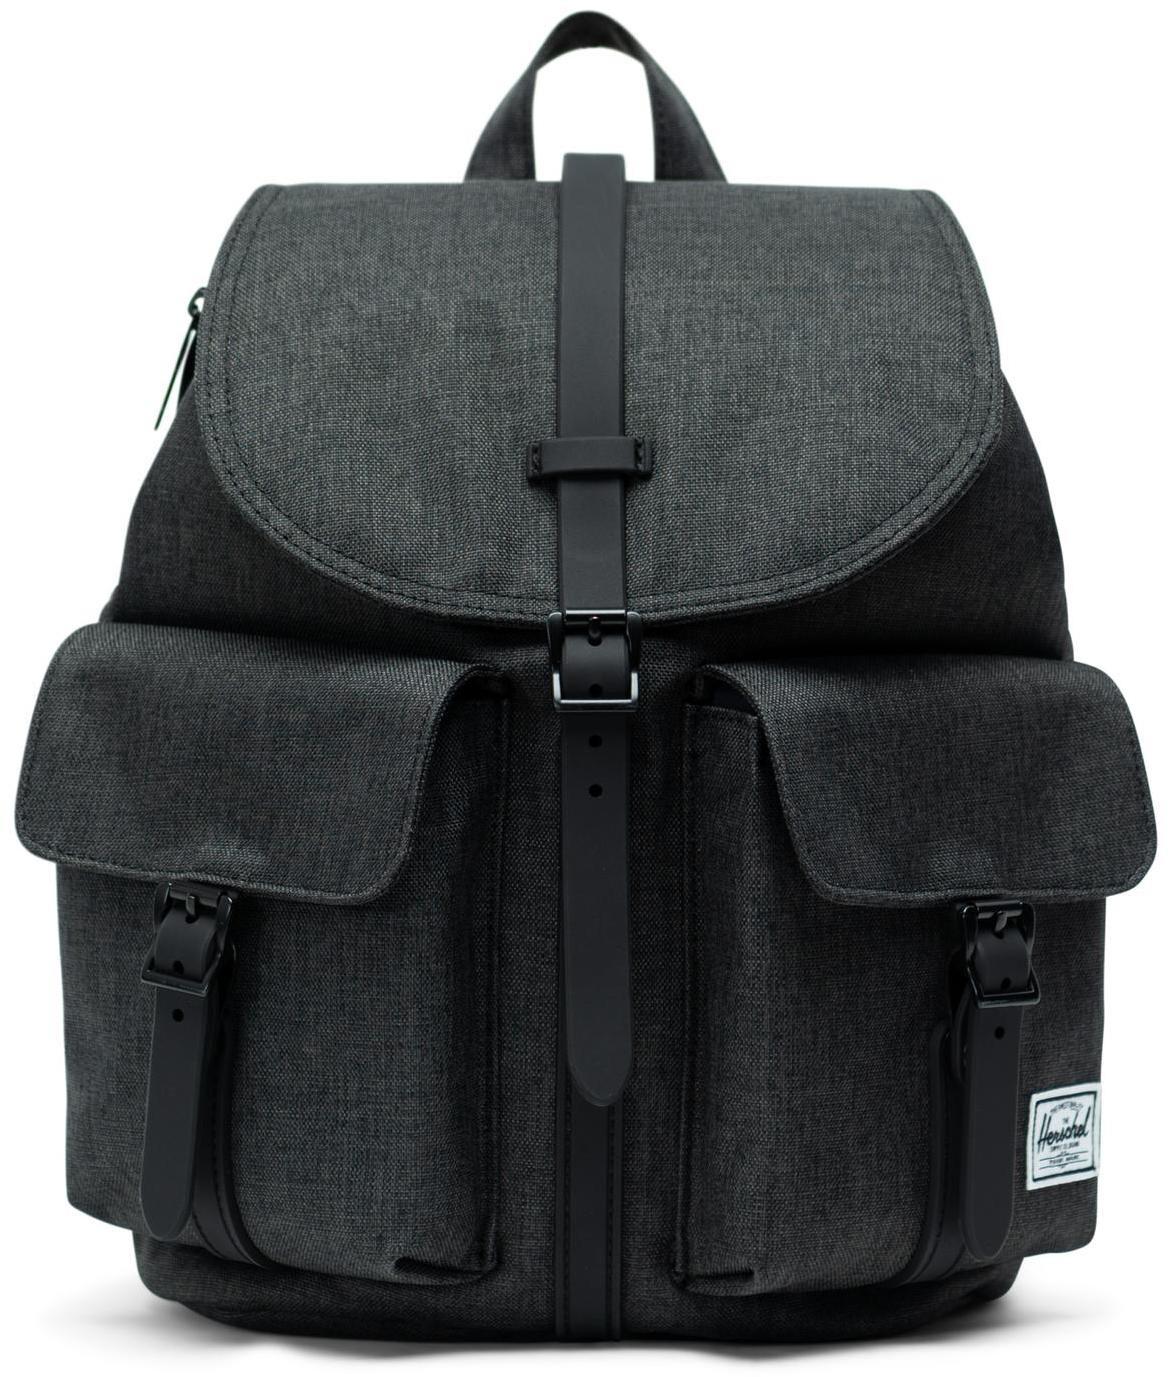 Herschel Dawson Small Rygsæk, black crosshatch (2019)   Rygsæk og rejsetasker